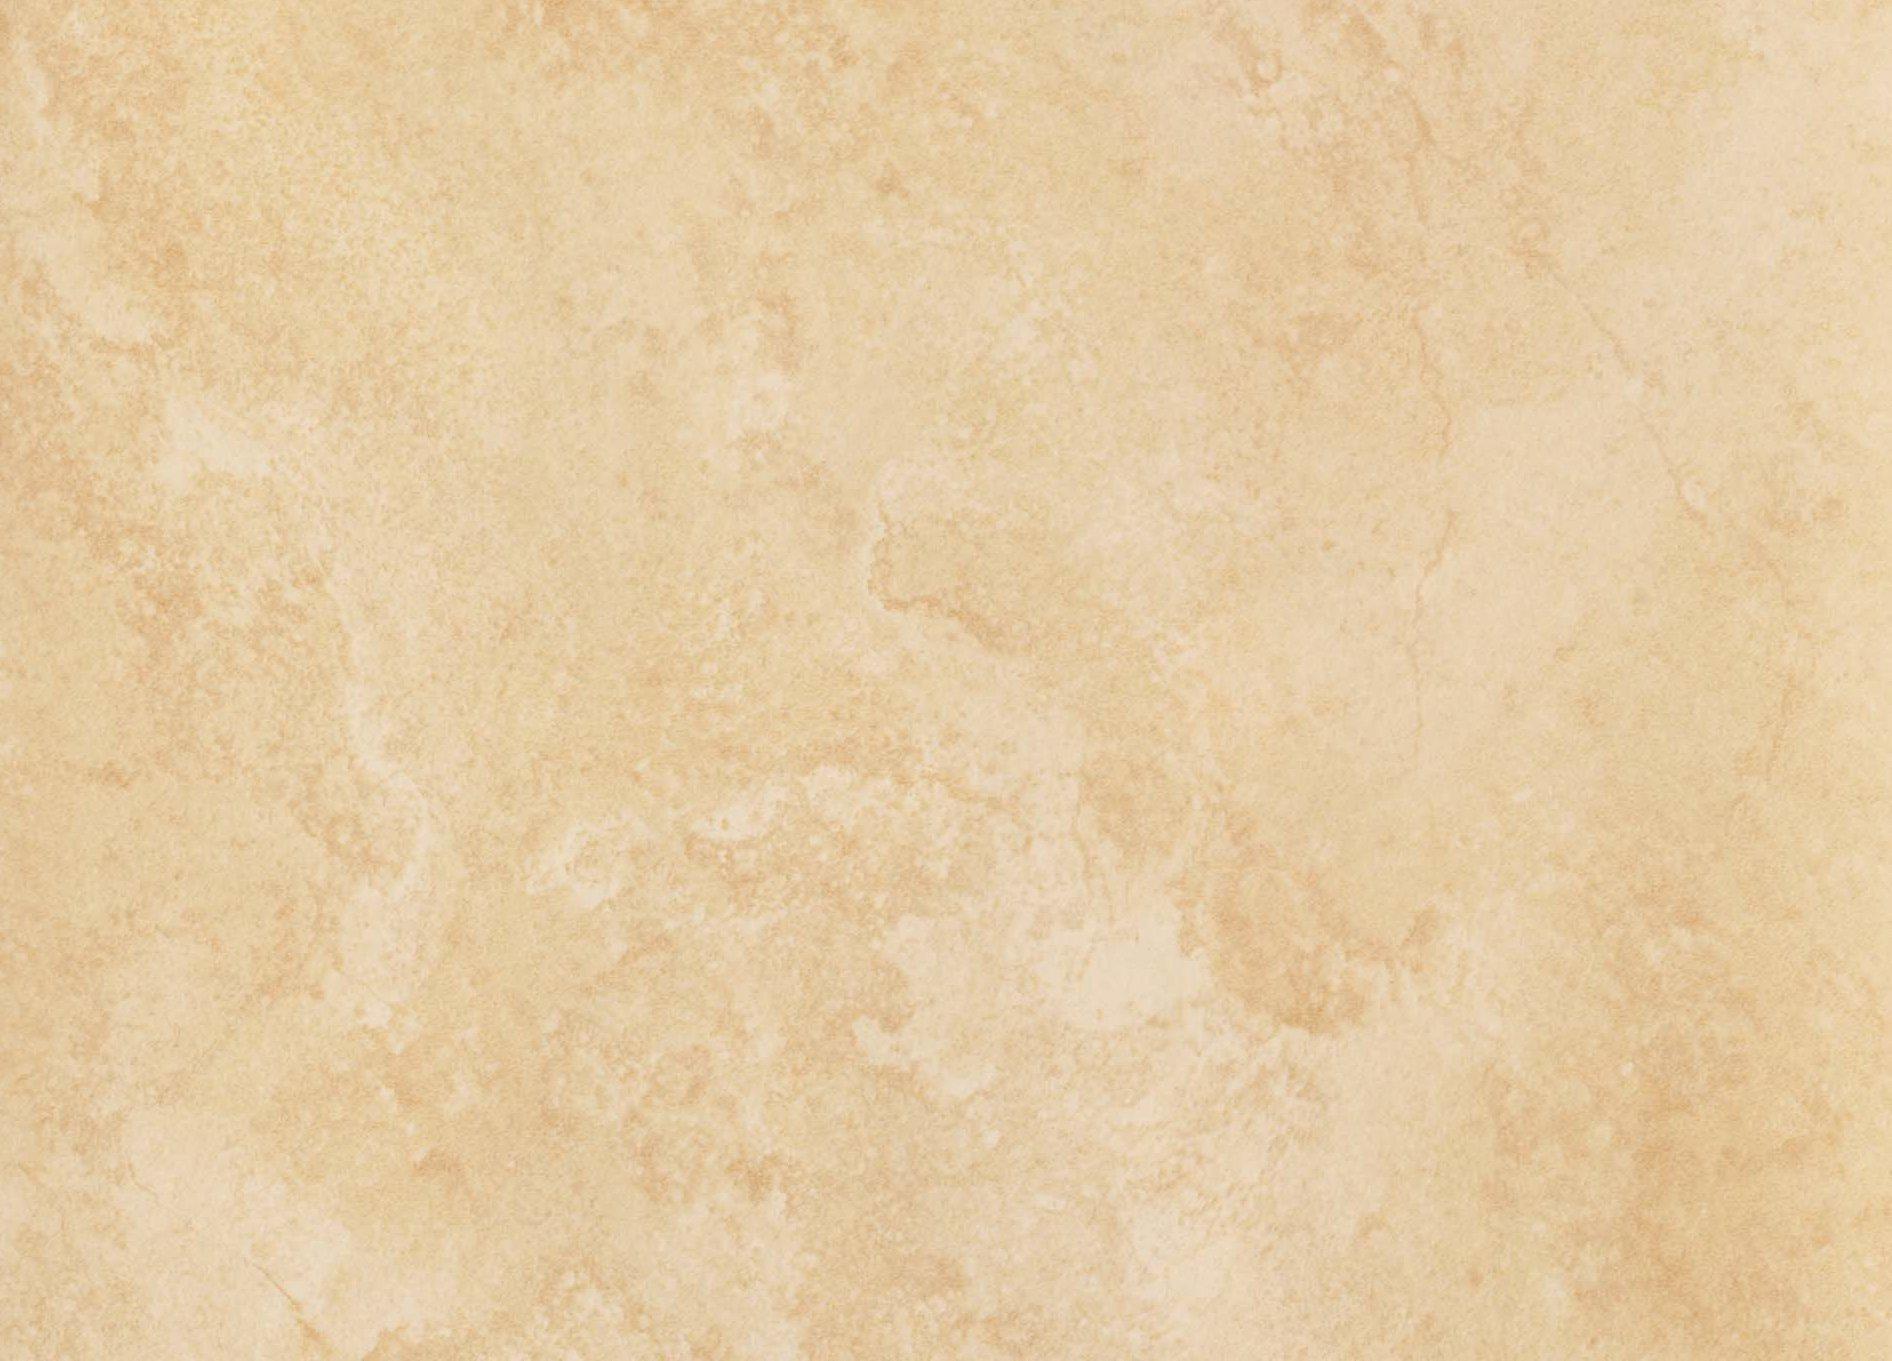 Pietra Toscana By Ergon Lmg Tile